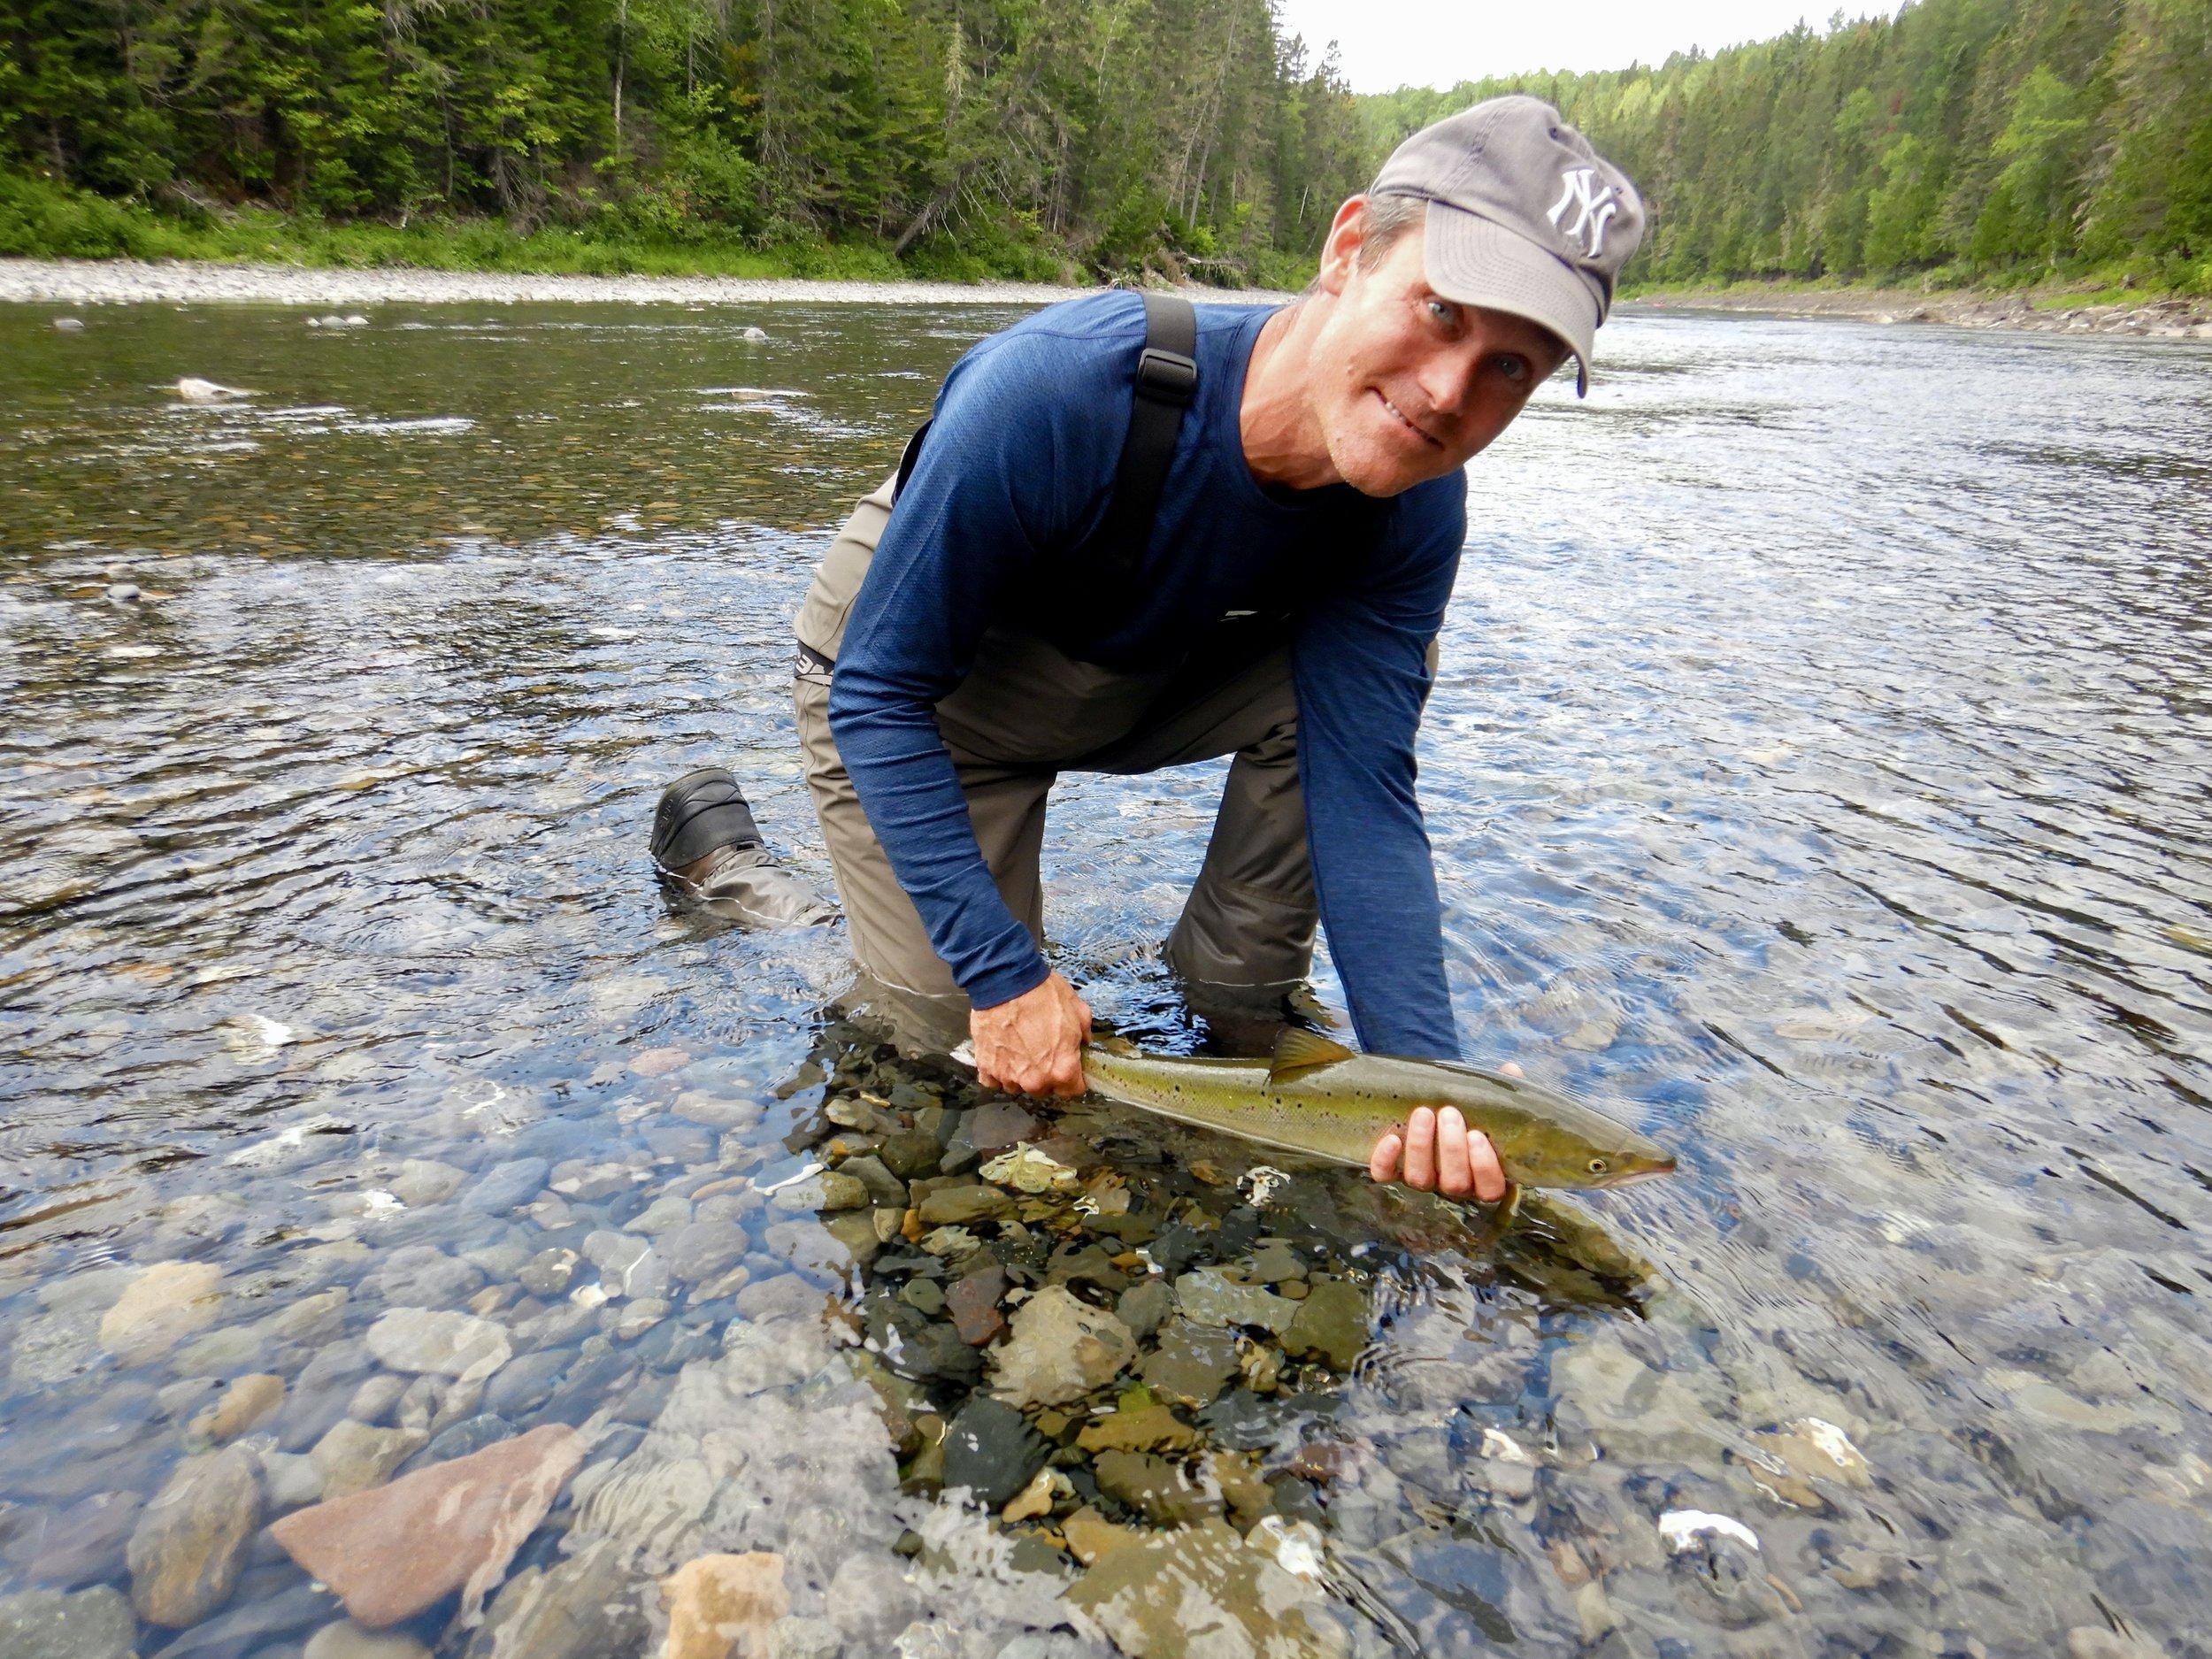 Kris Heinrichs ne fait que commencer à pratiquer la pêche à la mouche, mais le voici qui, dès le premier jour, capture un madeleineau qu'il s'apprête à remettre dans la rivière Bonaventure!